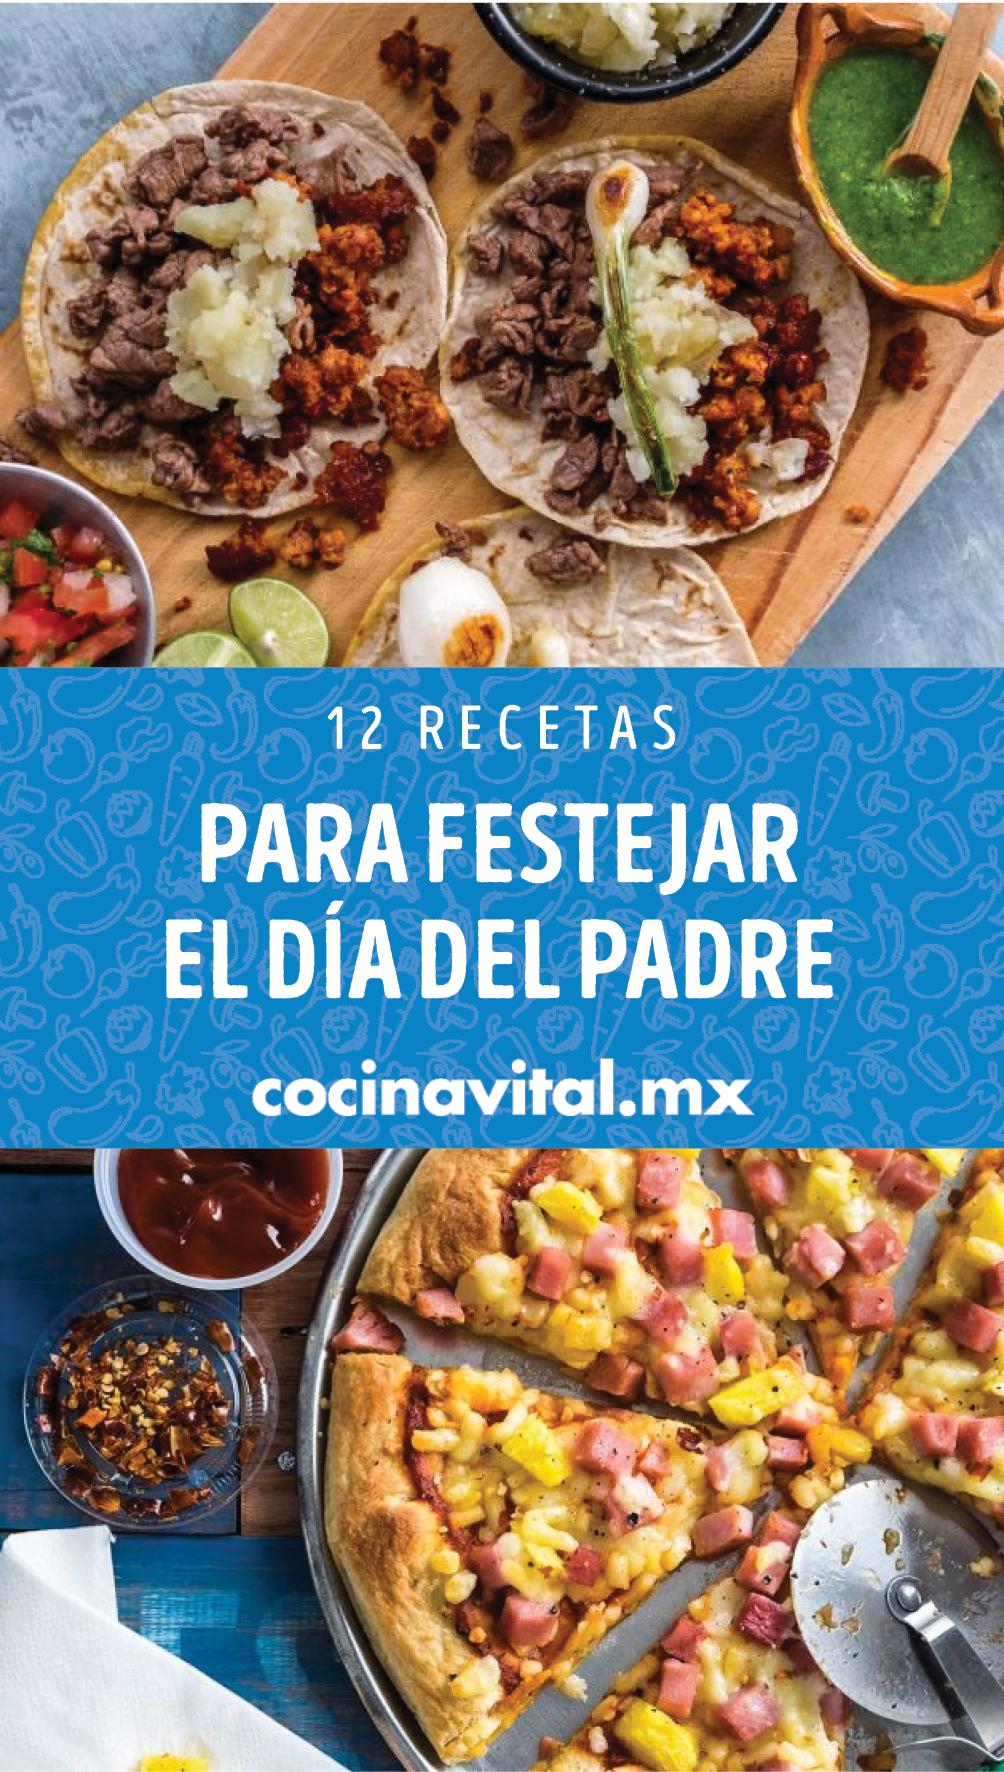 13 Deliciosas Recetas Para Prender La Parrilla Y Festejar El Dia Del Padre Comida Nutritiva Recetas Recetas De Comida Recetas Para Cocinar